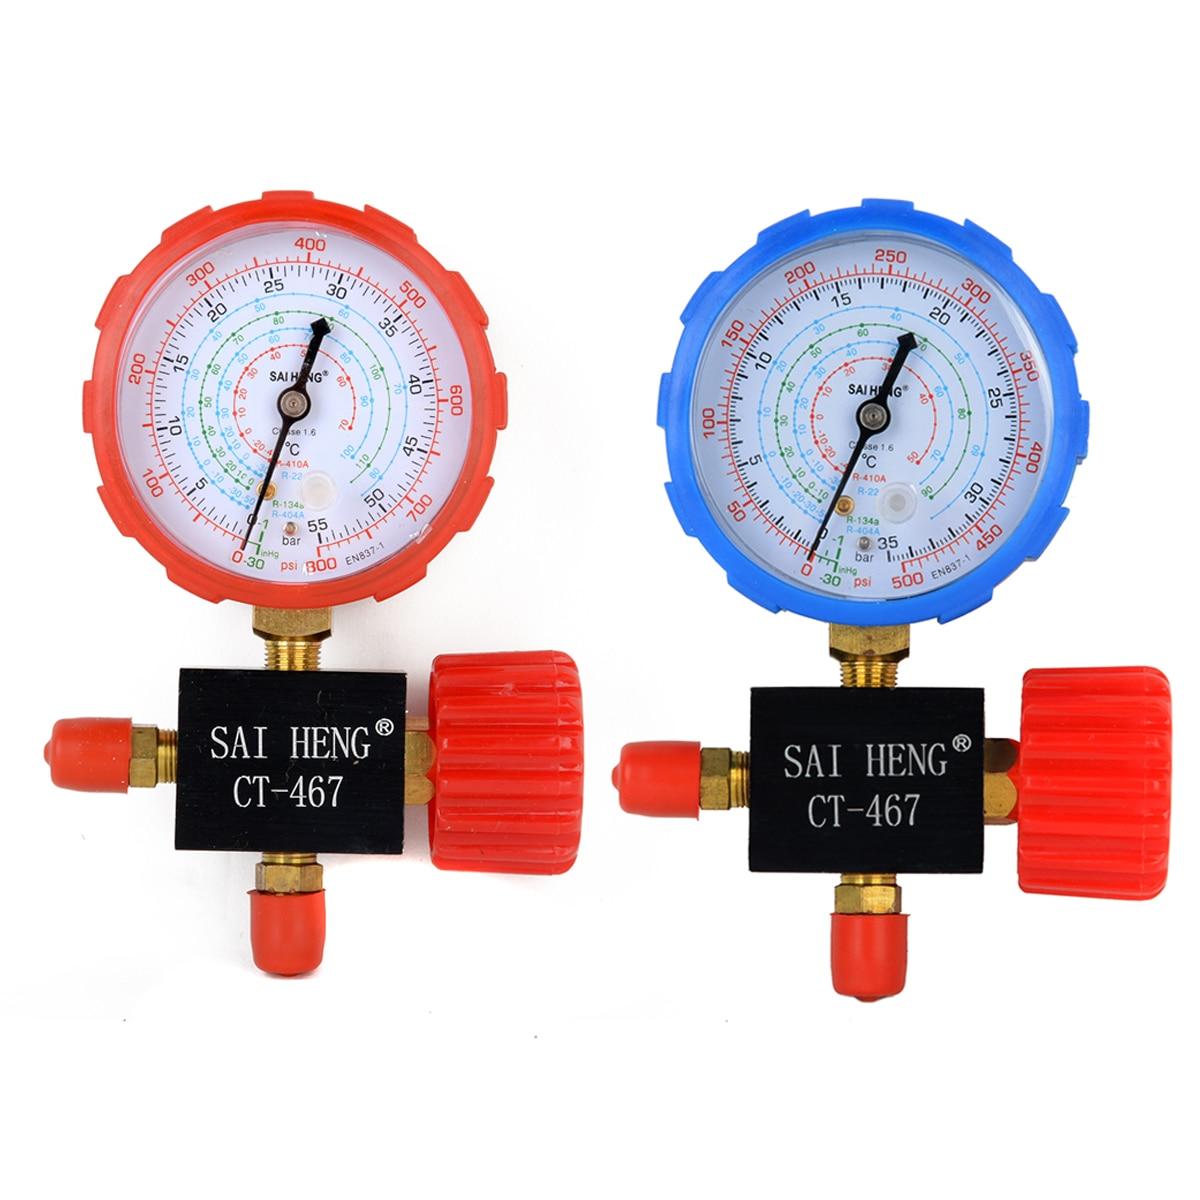 1 pc/2 pcs Bom Ar Condicionado Manómetro de Alta/Baixa Pressão R134a R404a R22 R410a Refrigerante Manômetro com Válvula Mayitr